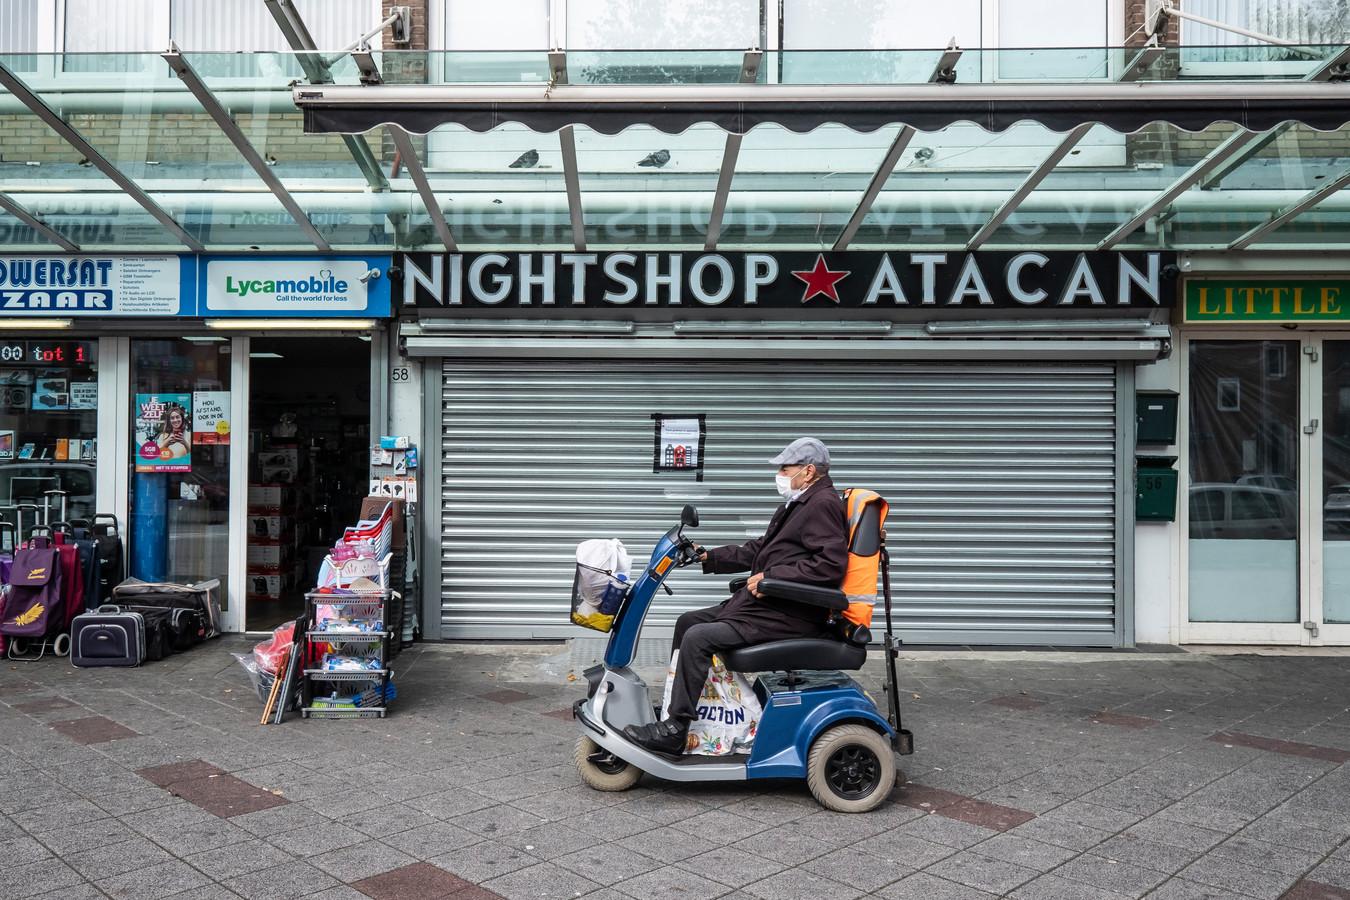 Volgens C. was zijn aanslag een reactie op aanvallen op de avondwinkel van zijn vader, Ata Can.